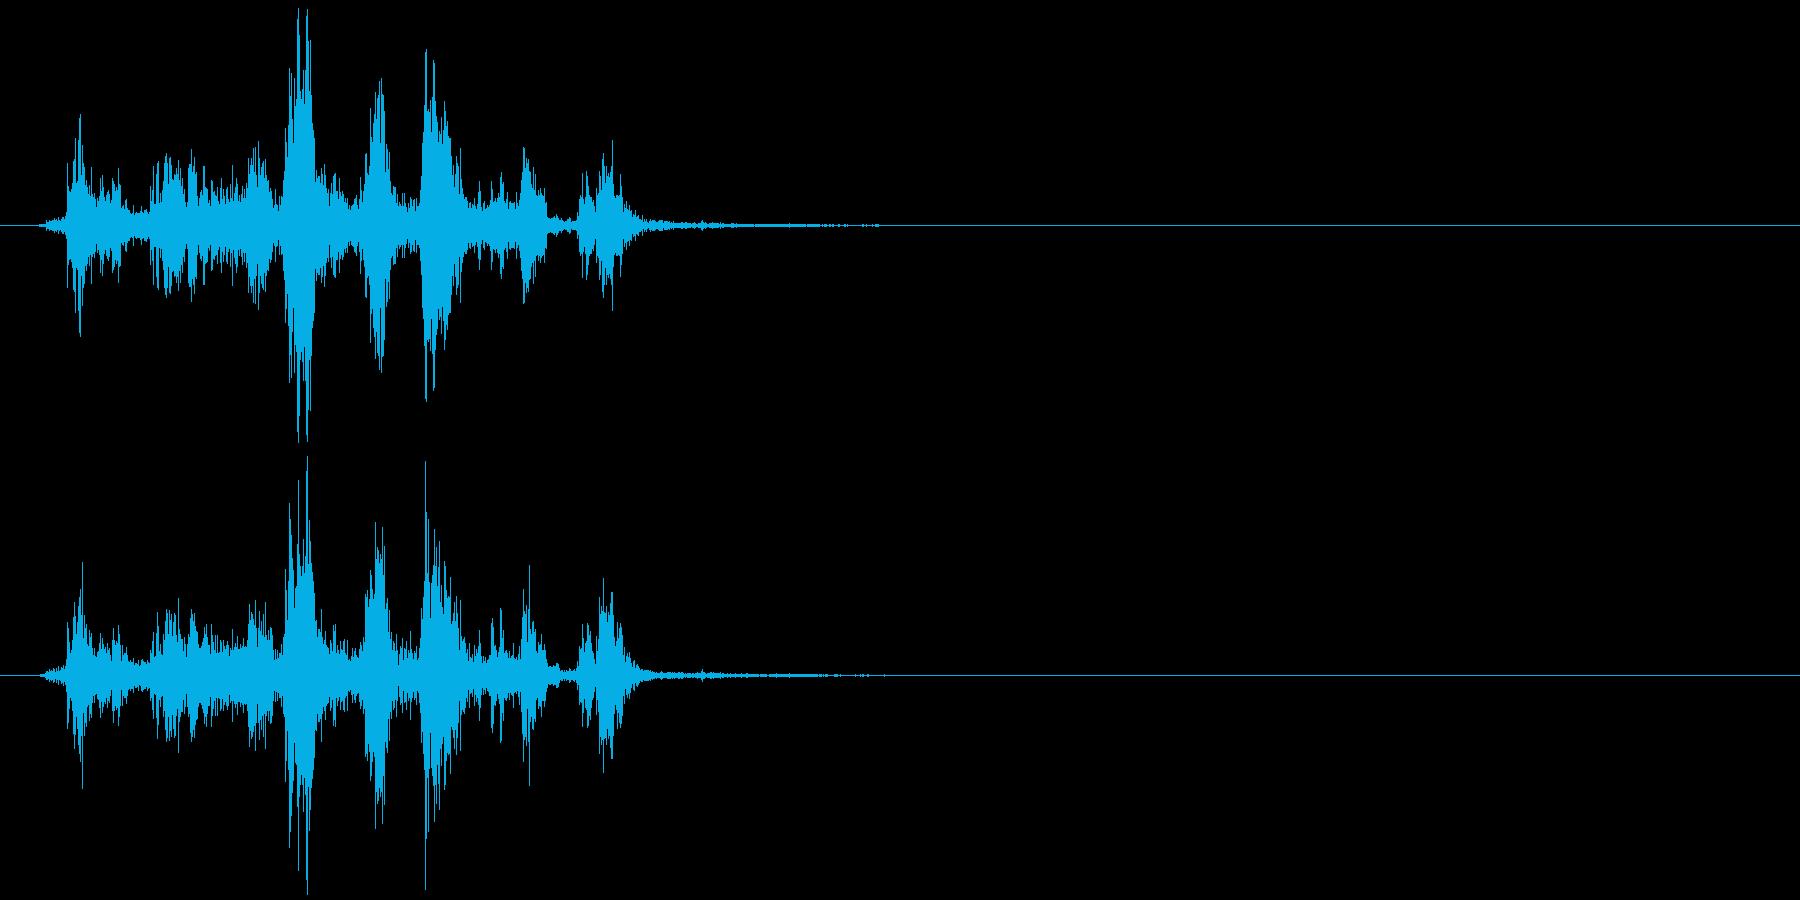 ガサゴソ(物を探すときの音、演出)の再生済みの波形